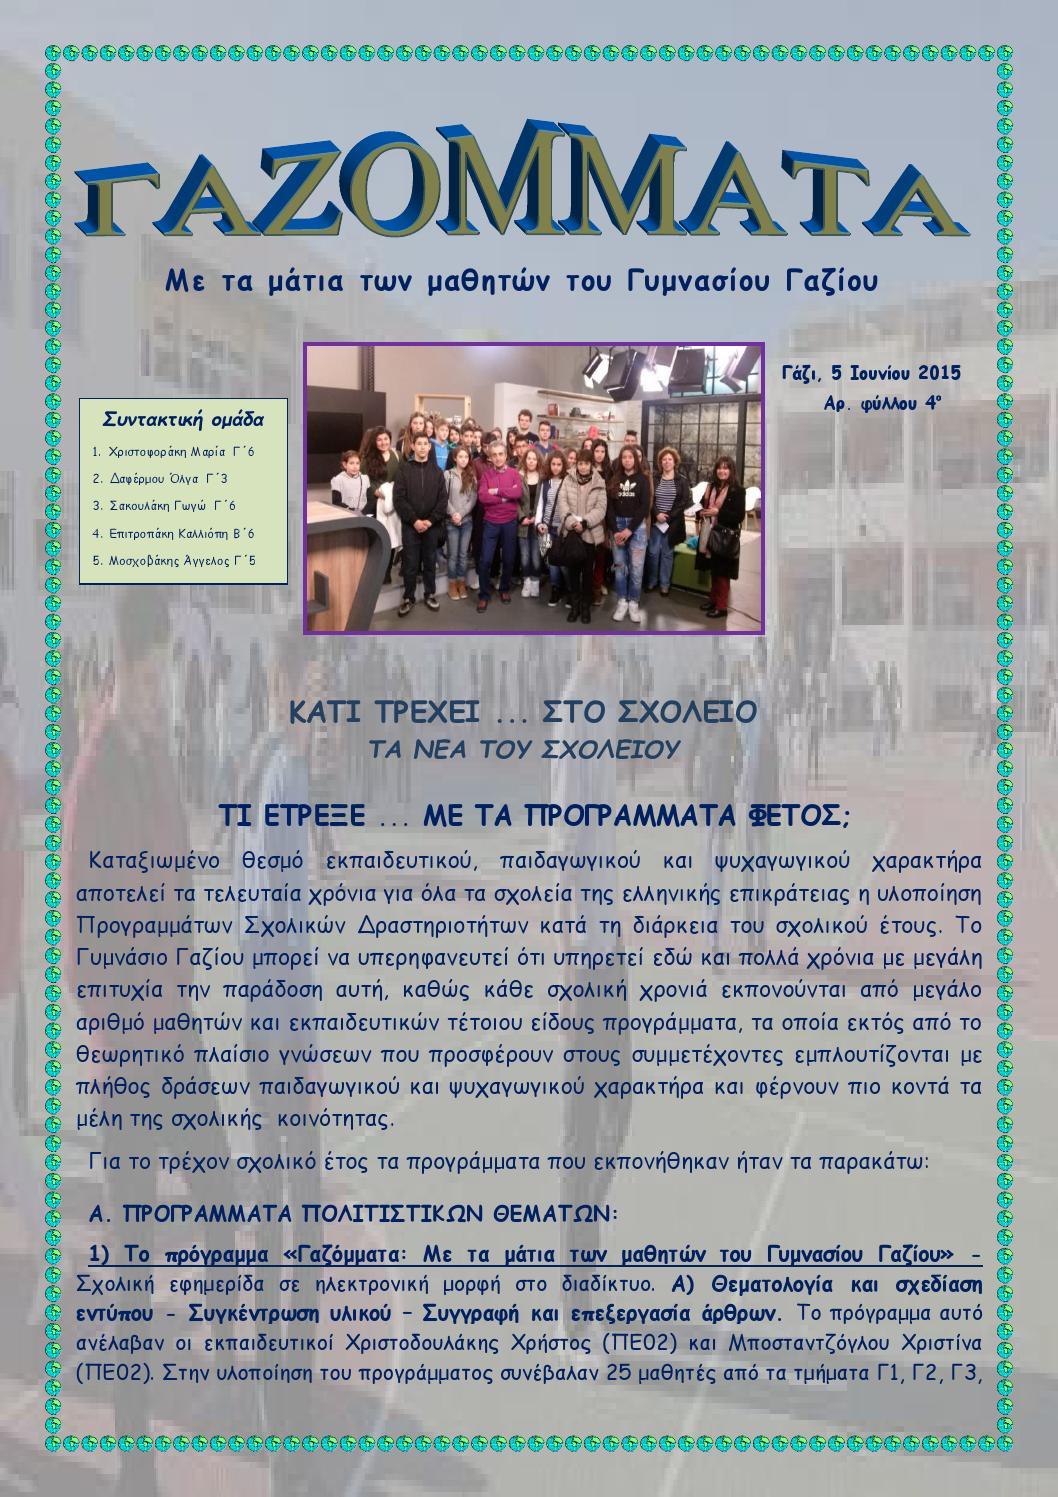 Εφημεριδα 2014 15 γαζομματα (5 6 2015) by ΓΑΖΟΜΜΑΤΑ - issuu e2ab44abbb6